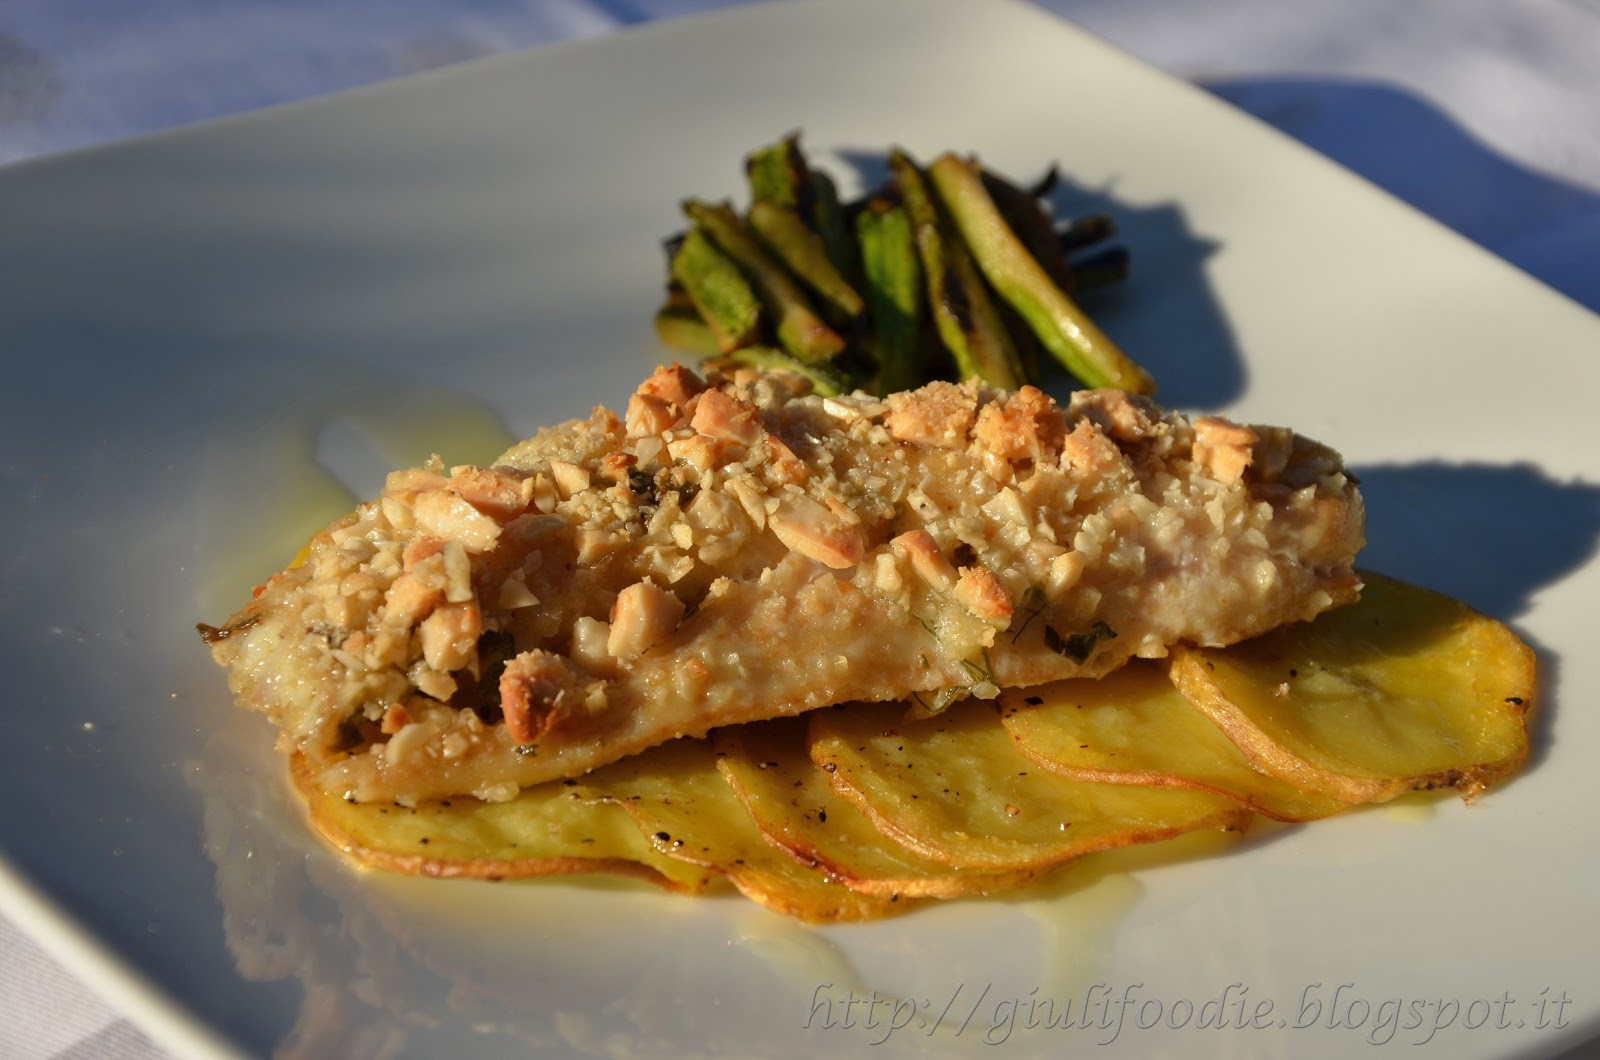 Giuli foodie le mie ricette in cucina filetti di gallinella in crosta di mandorle con patate - Filetto di orata al forno su letto di patate ...